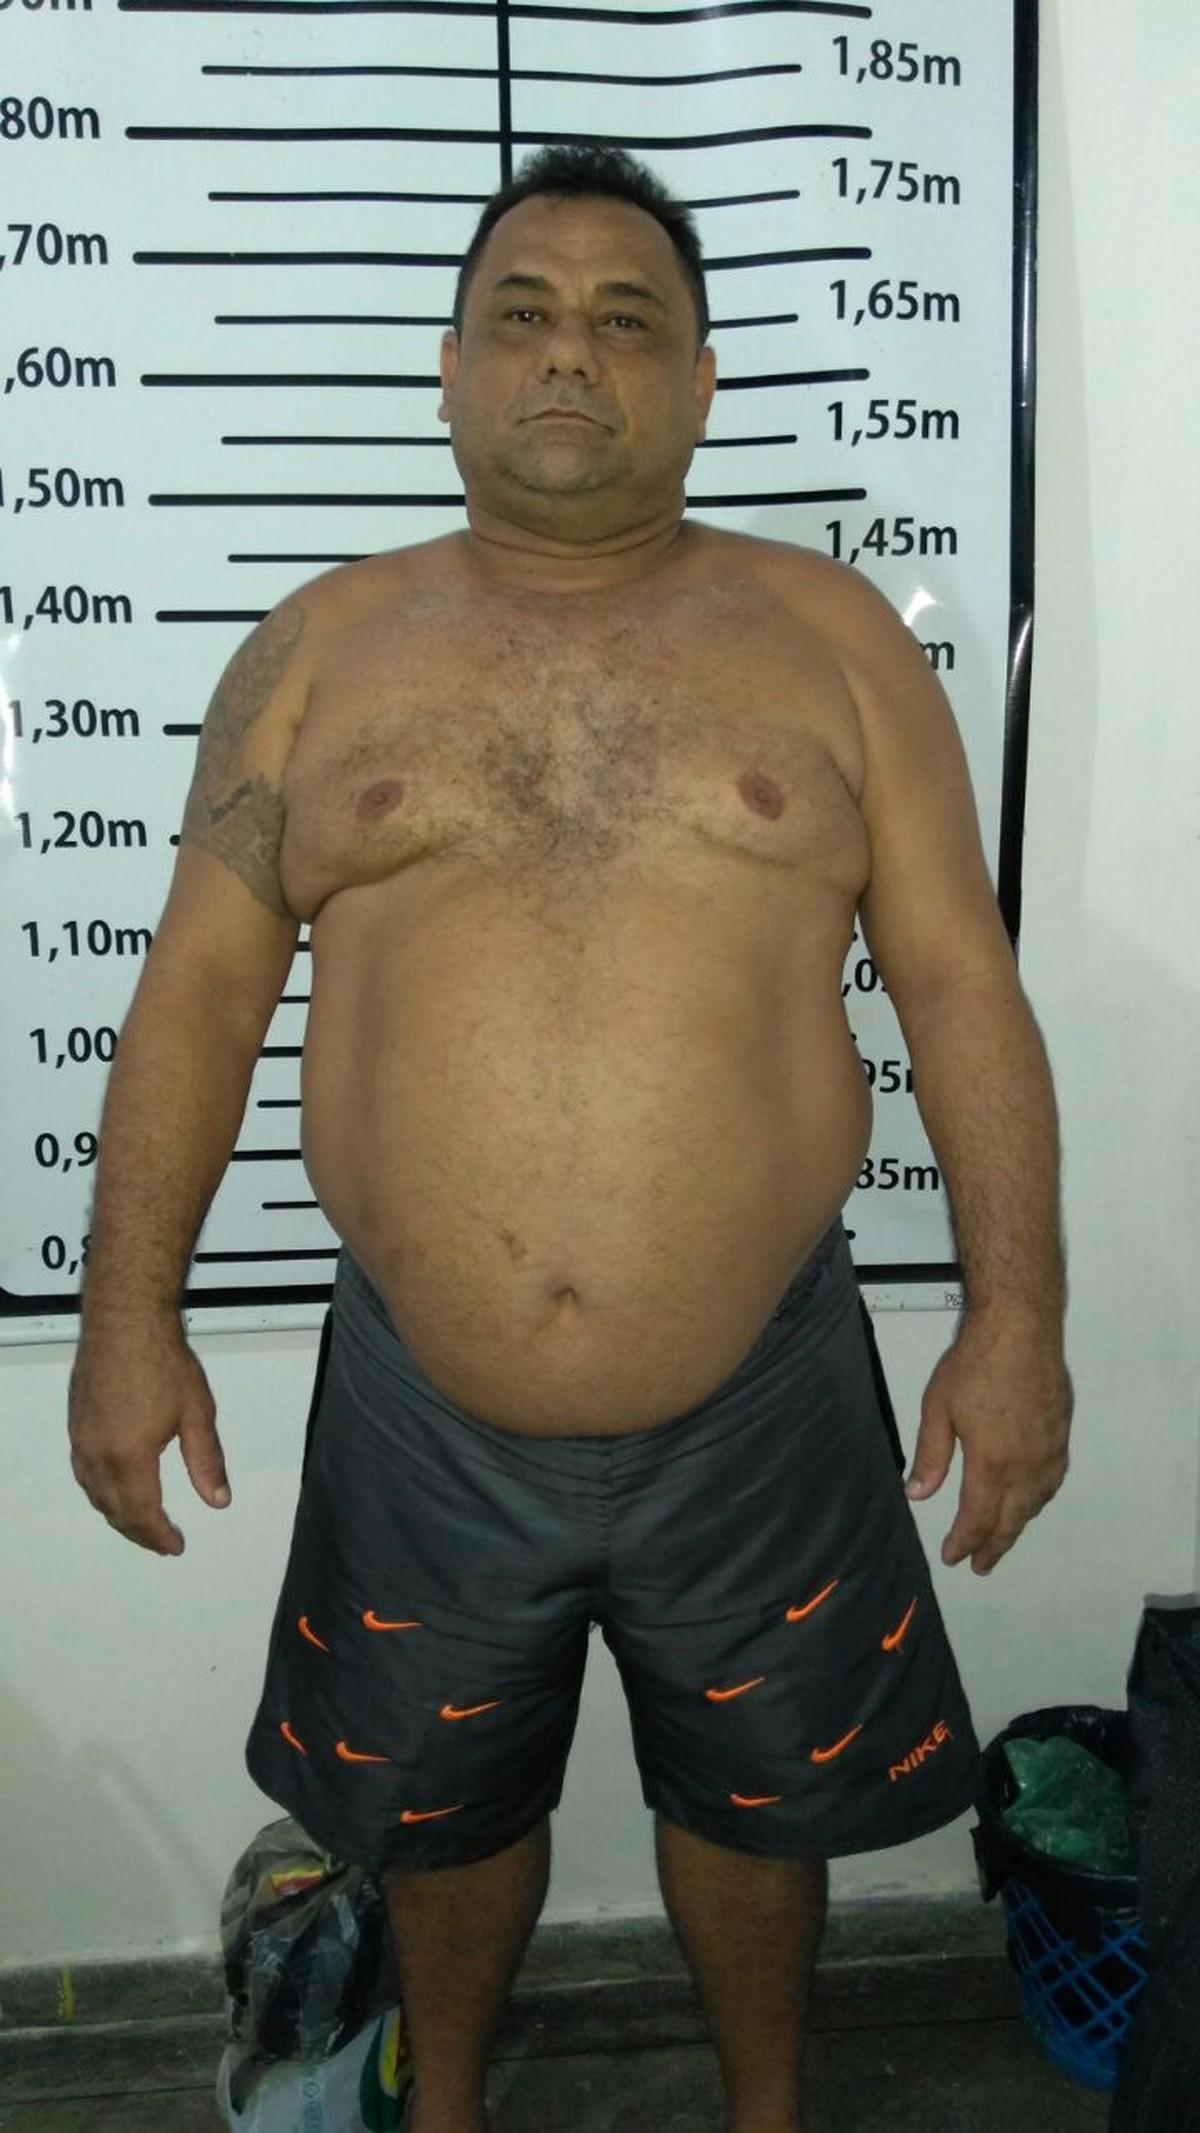 Polícia cumpre mandado de prisão contra detento que responde por 7 crimes em RR